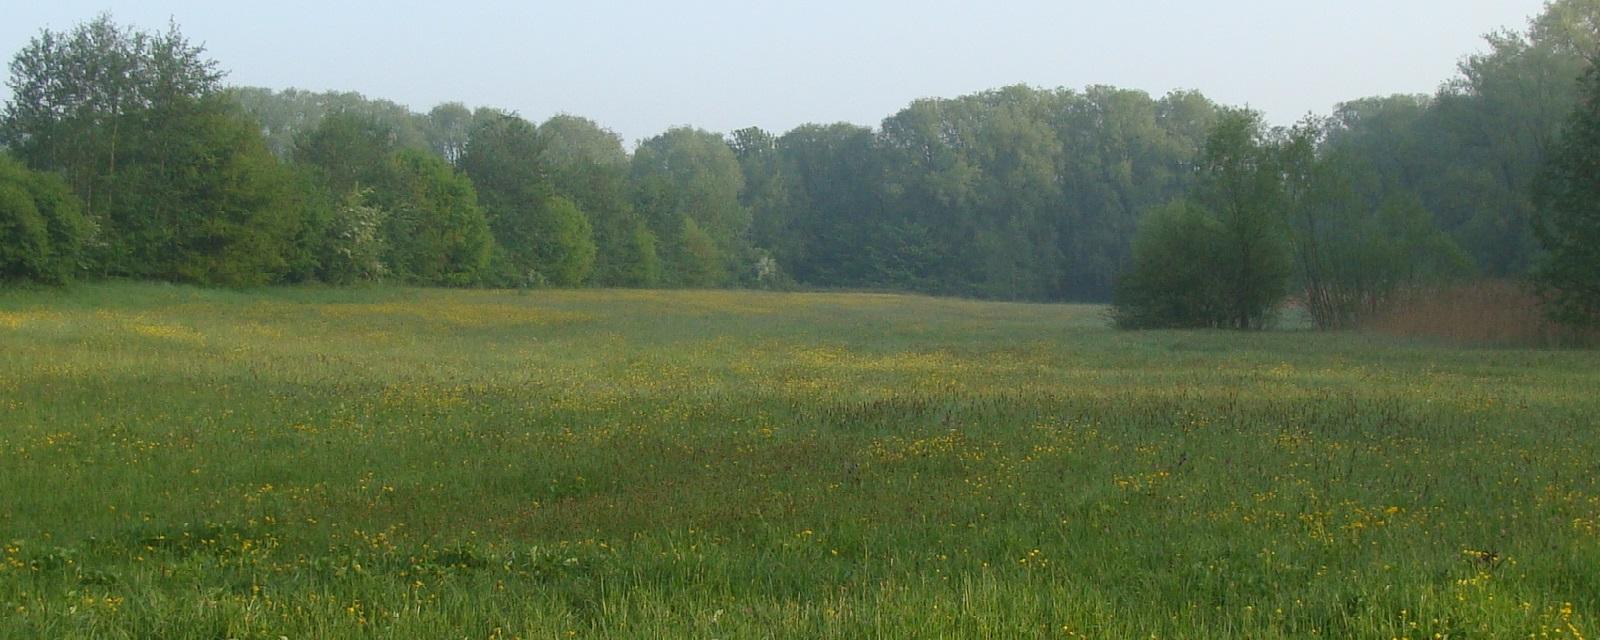 <h2>Groener</h2><div>Groen maakt gelukkig. We beschermen de natuur, behouden onze kostbare open ruimte en zorgen ervoor dat elke inwoner toegankelijk groen op wandelafstand heeft. Zo maken we Dilbeek groener.</div>